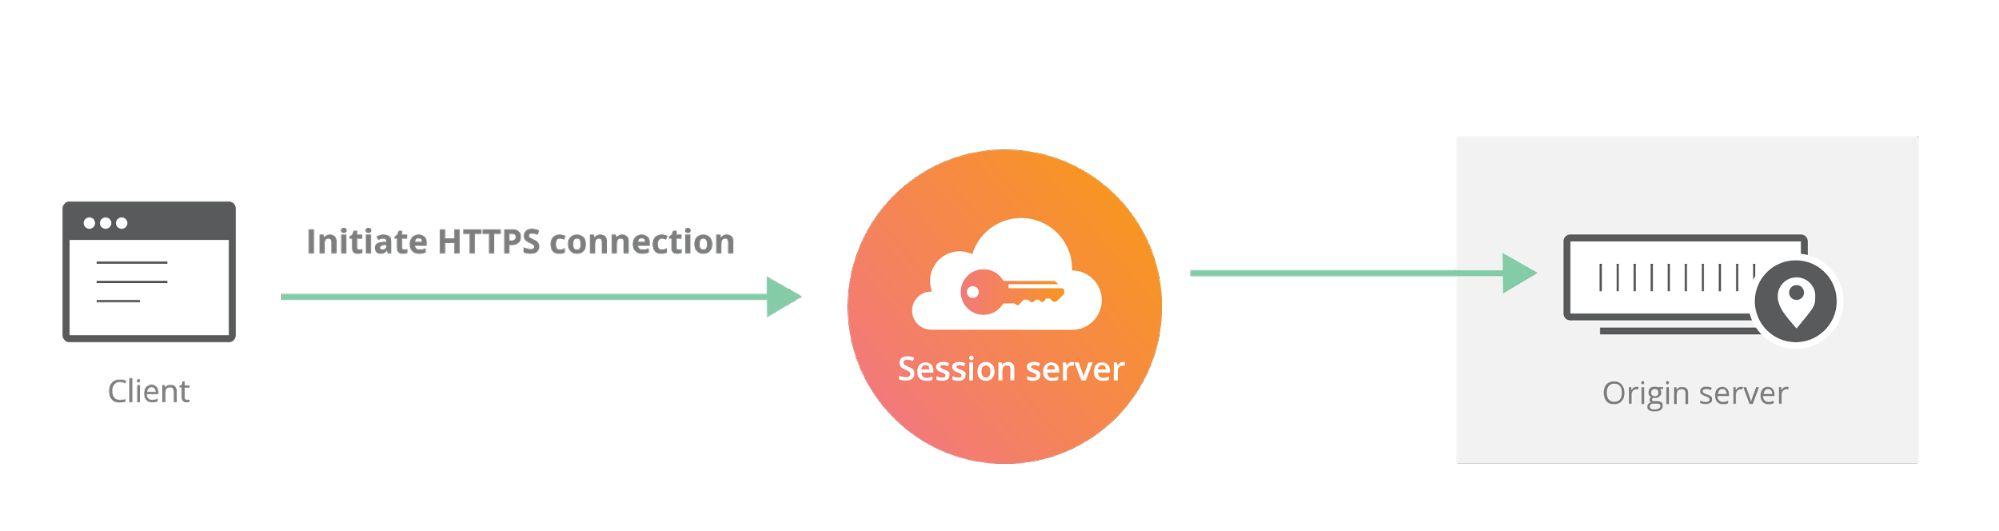 数据库管理_海外_云服务器和主机